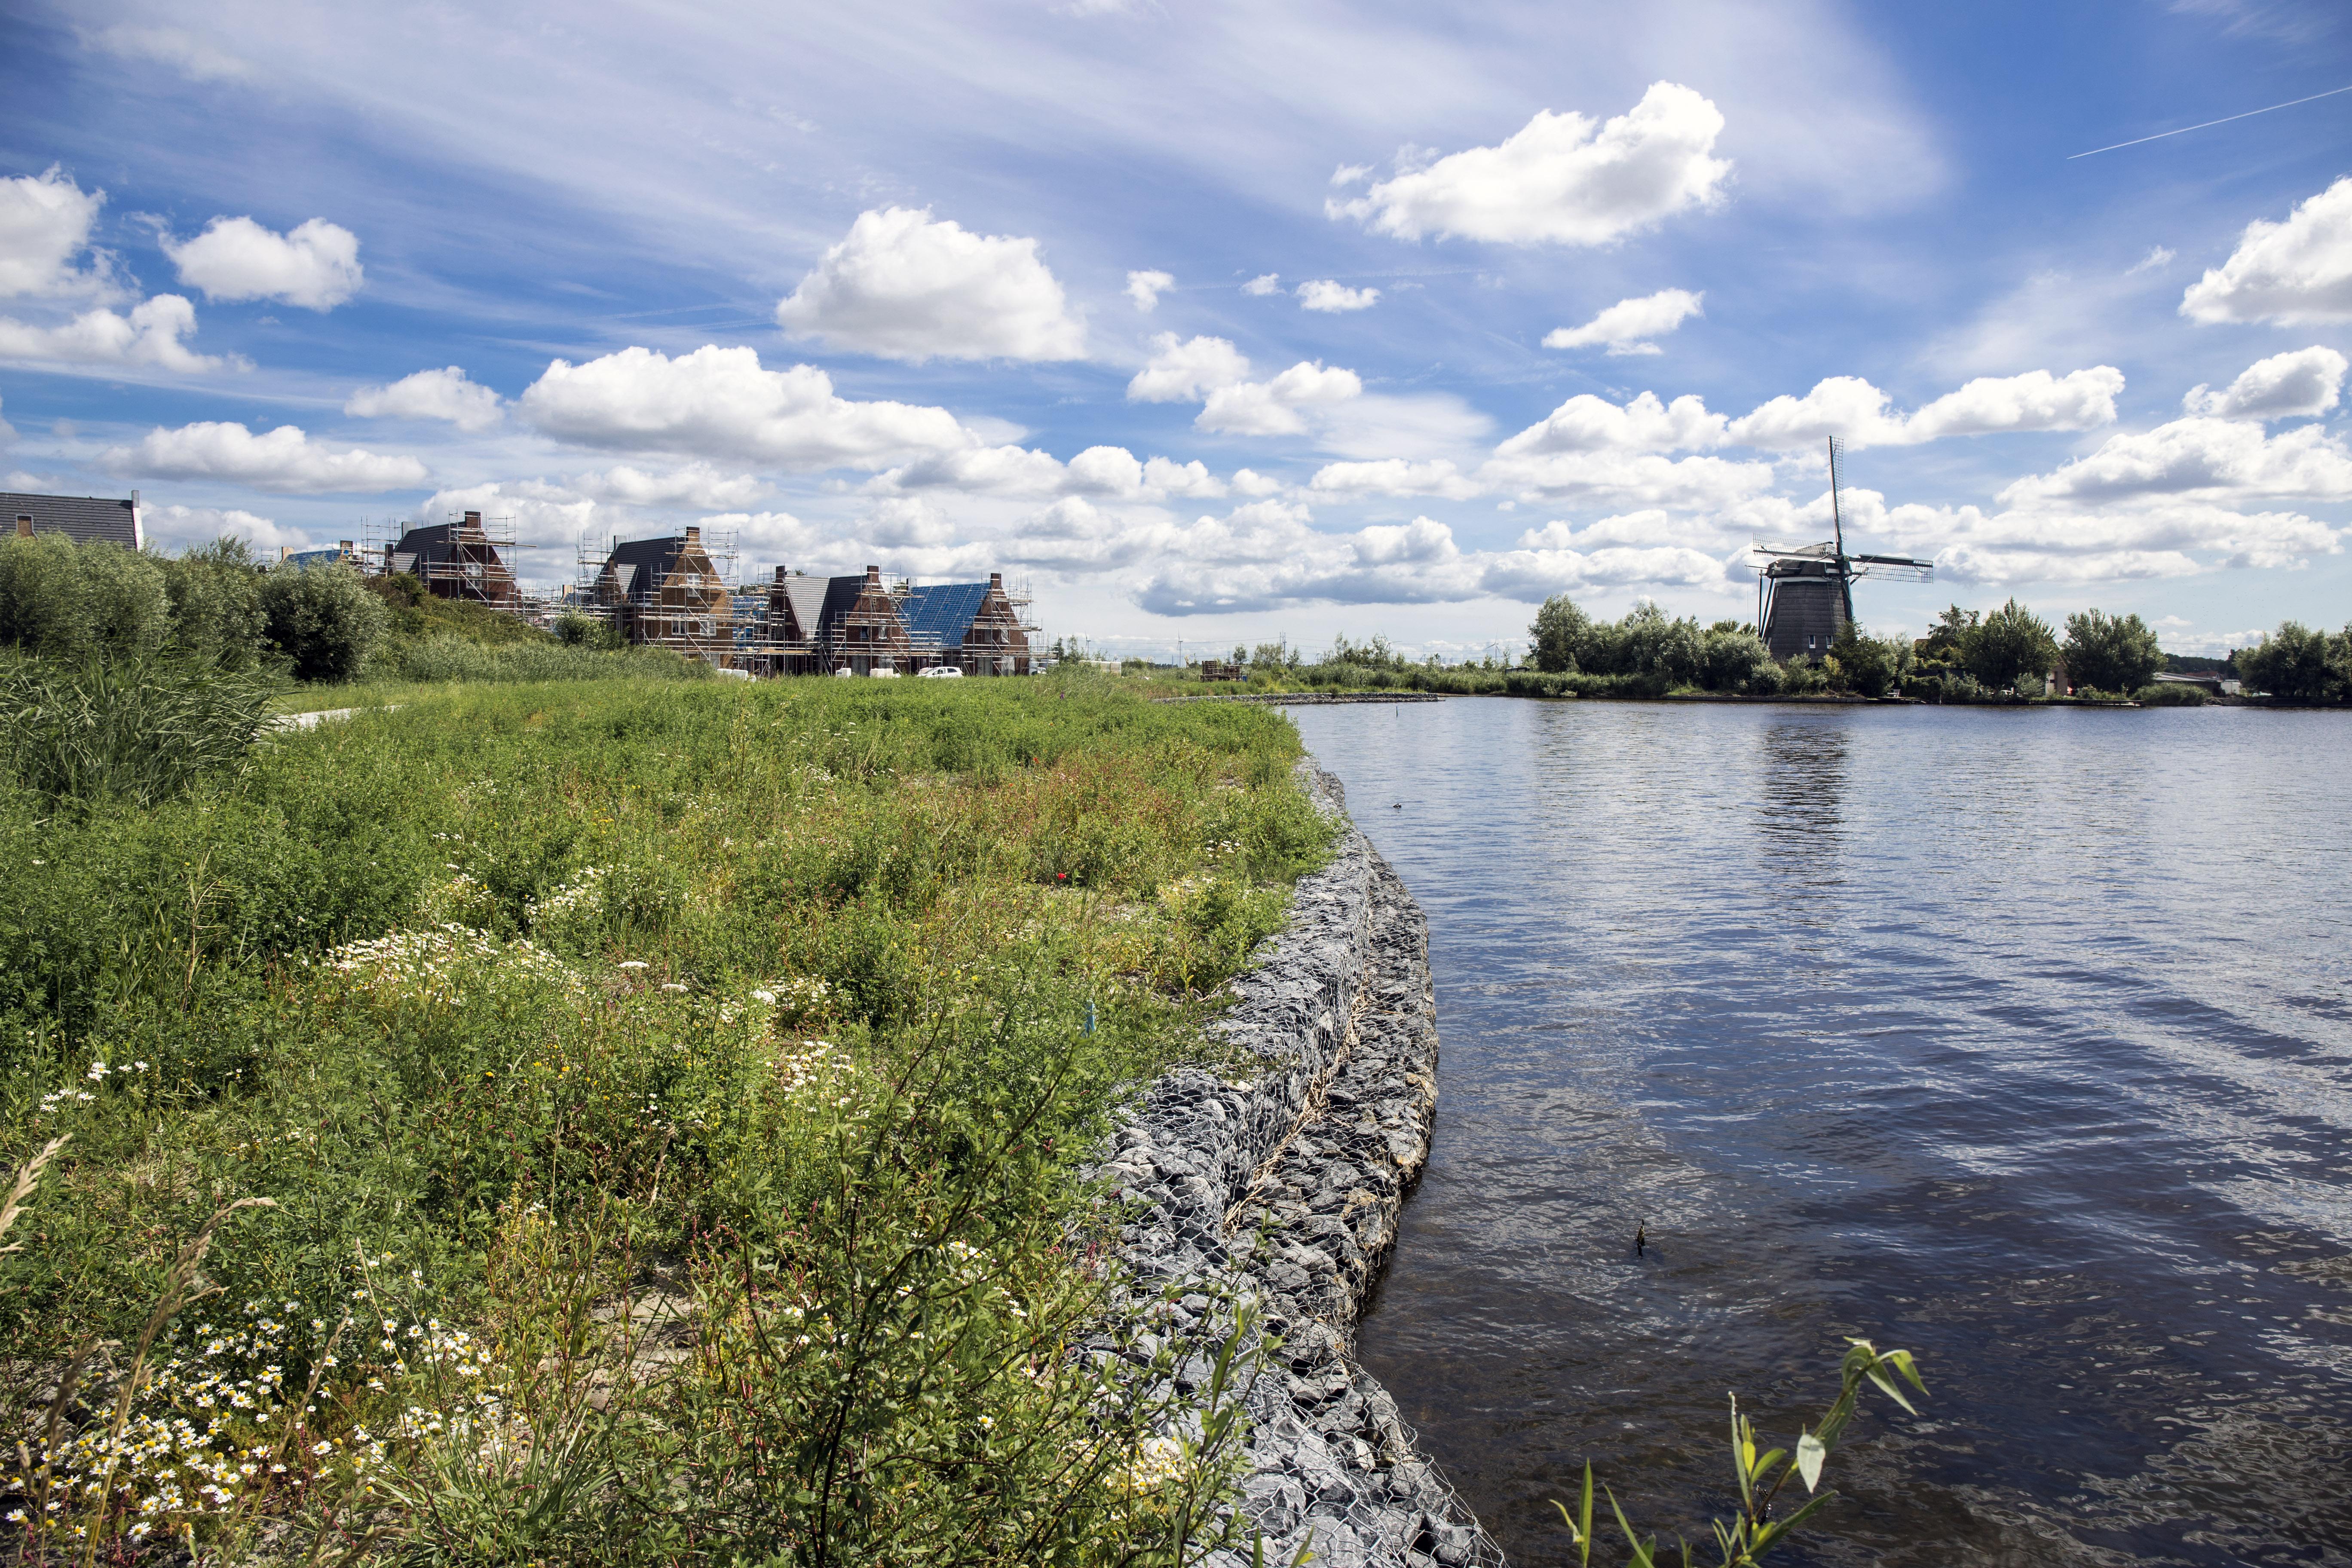 Kersverse Dorpsraad Spaarndam verscheurt in alle stilte tien jaar protest tegen waterwoningen SpaarneBuiten. Een reconstructie